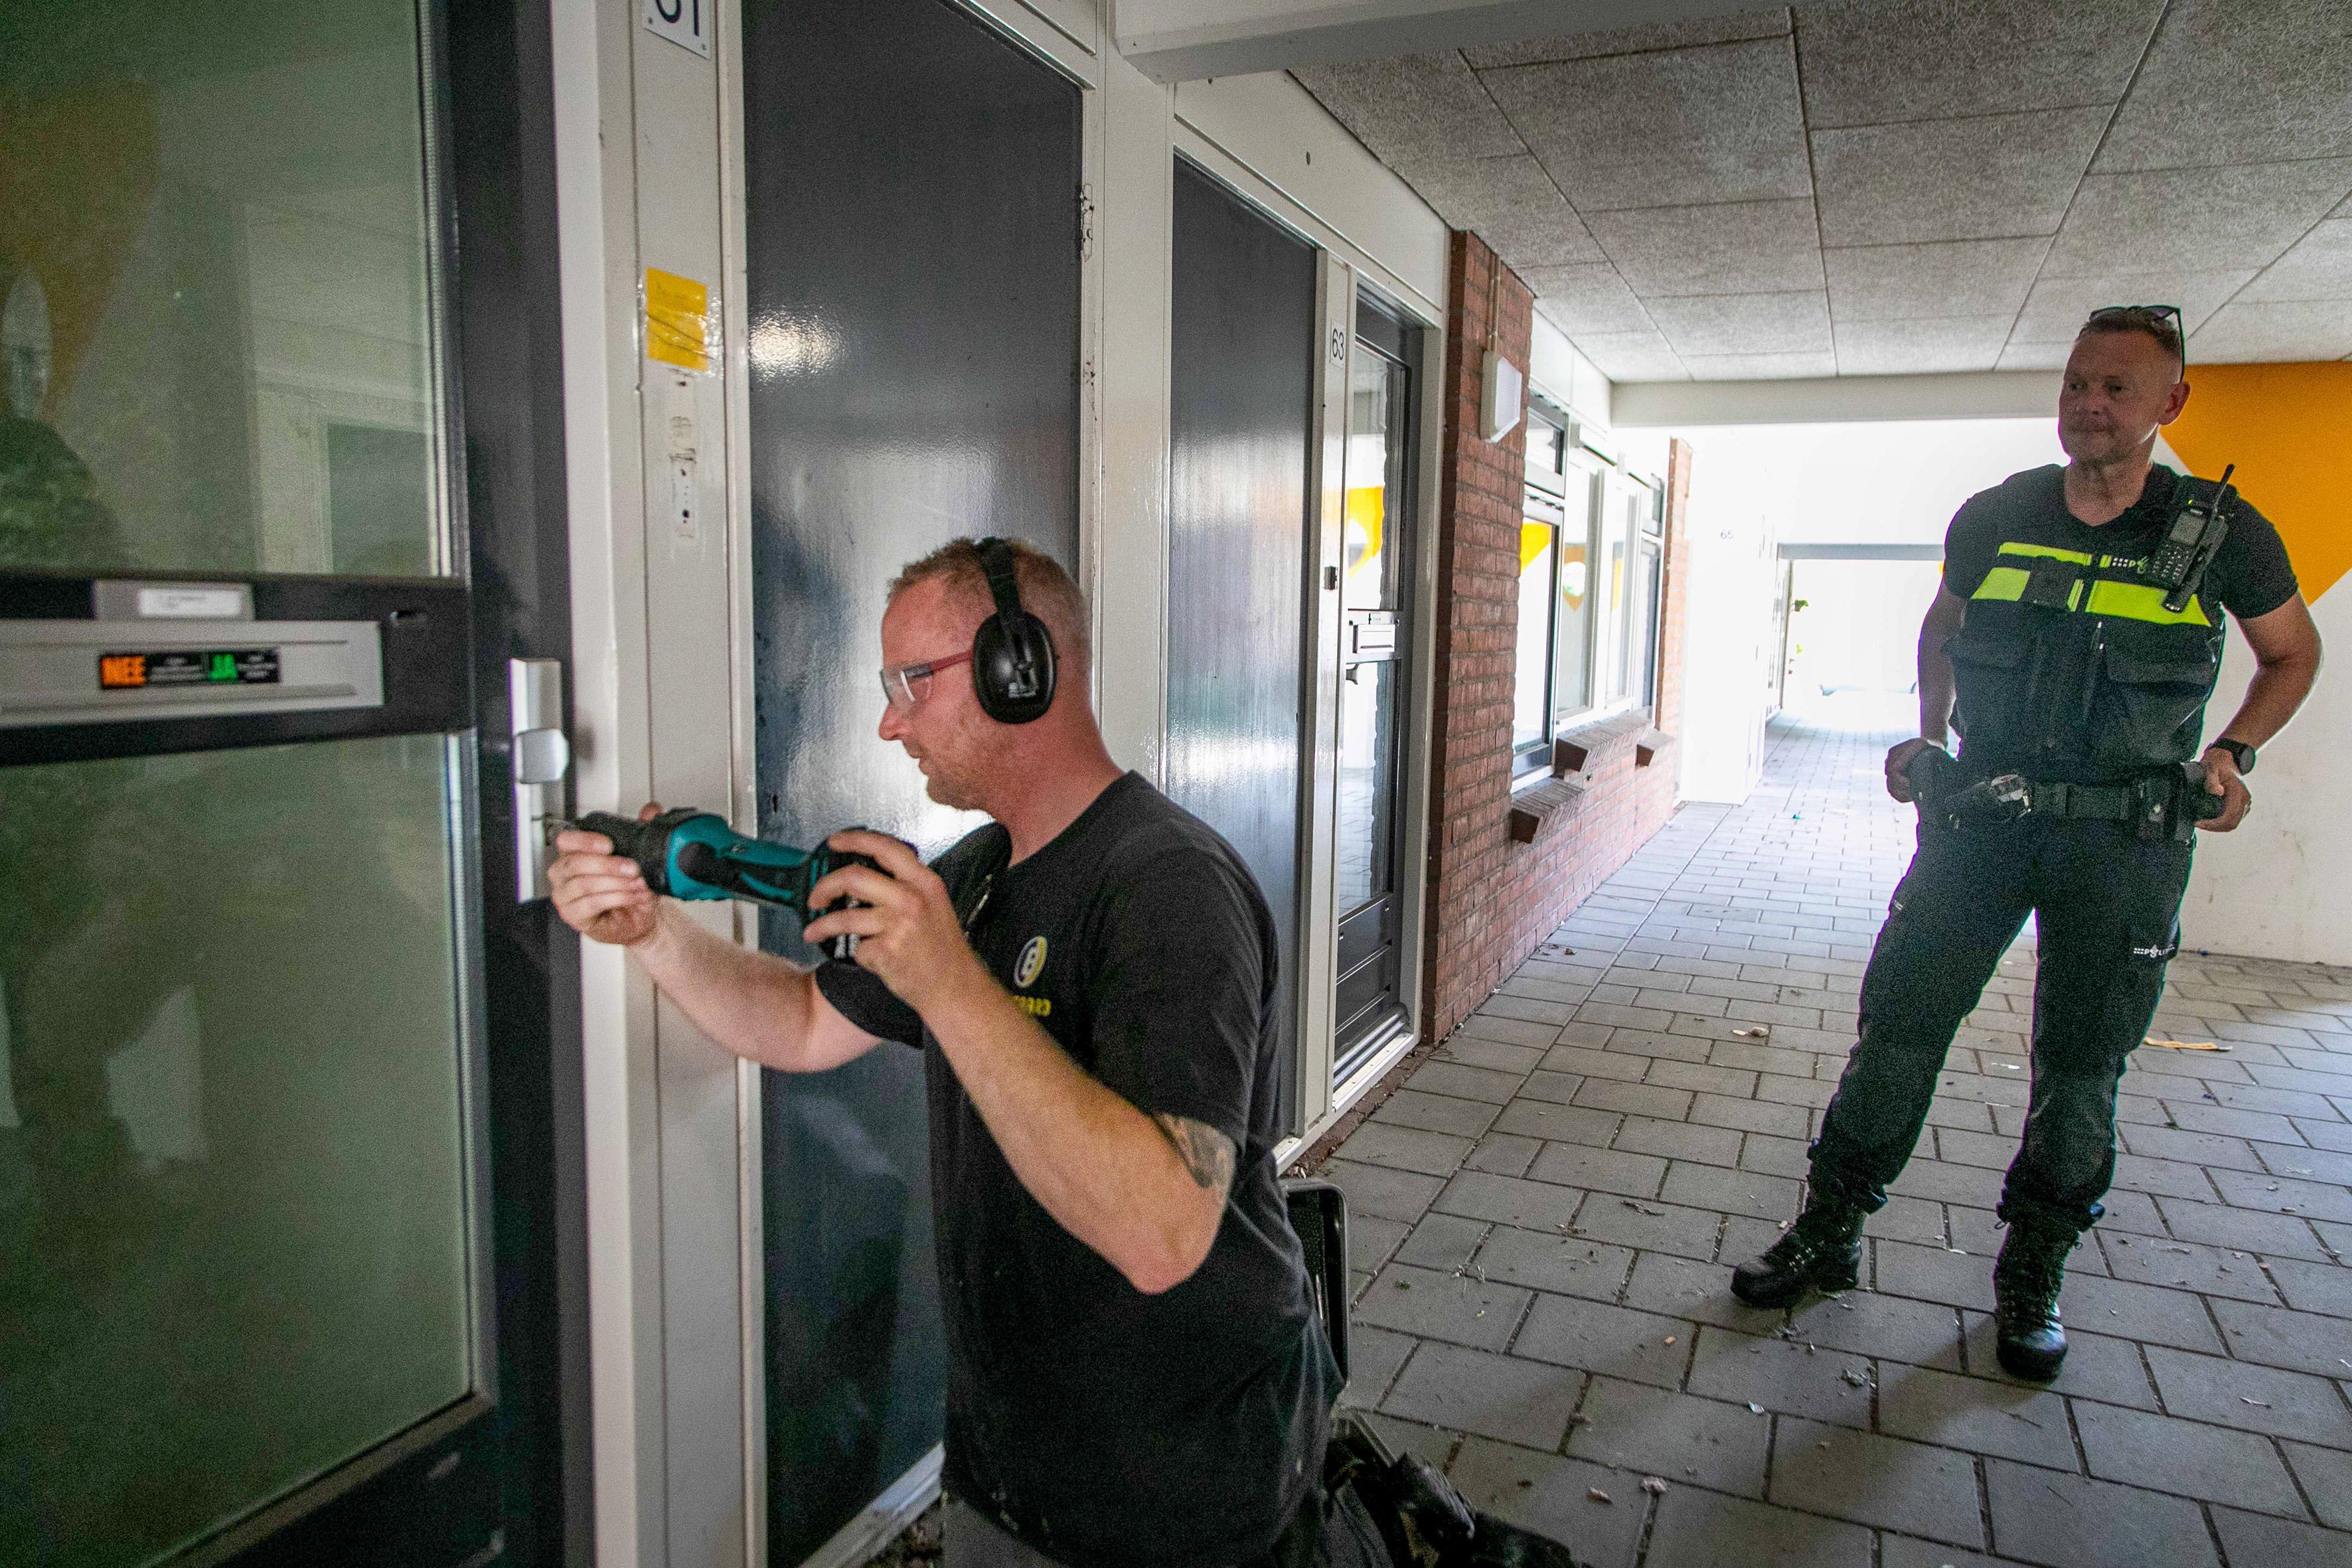 Waterleiding per ongeluk op gasleiding aangesloten; Politie breekt voordeuren open om gaskranen dicht te draaien